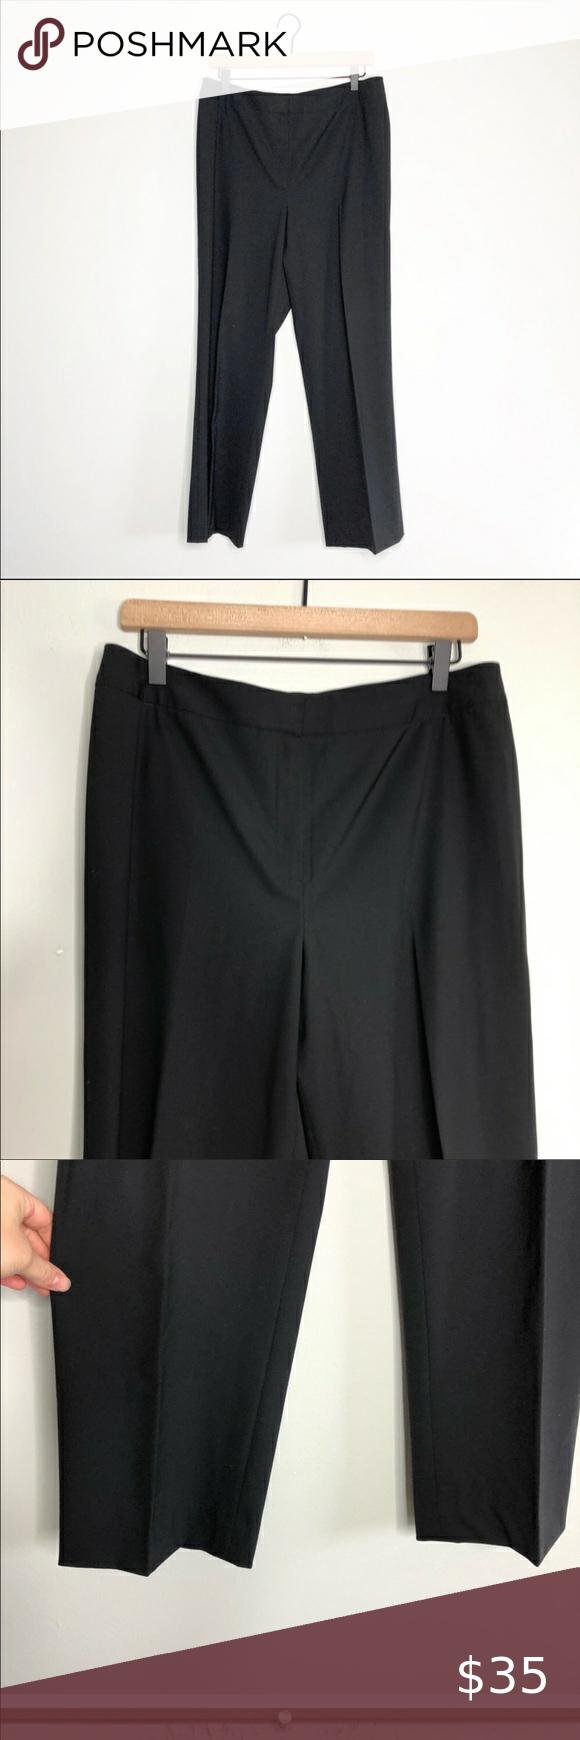 Lafayette 148 Women S Black Dress Slacks Size 12 Black Dress Slacks Womens Black Dress Dress Slacks [ 1740 x 580 Pixel ]